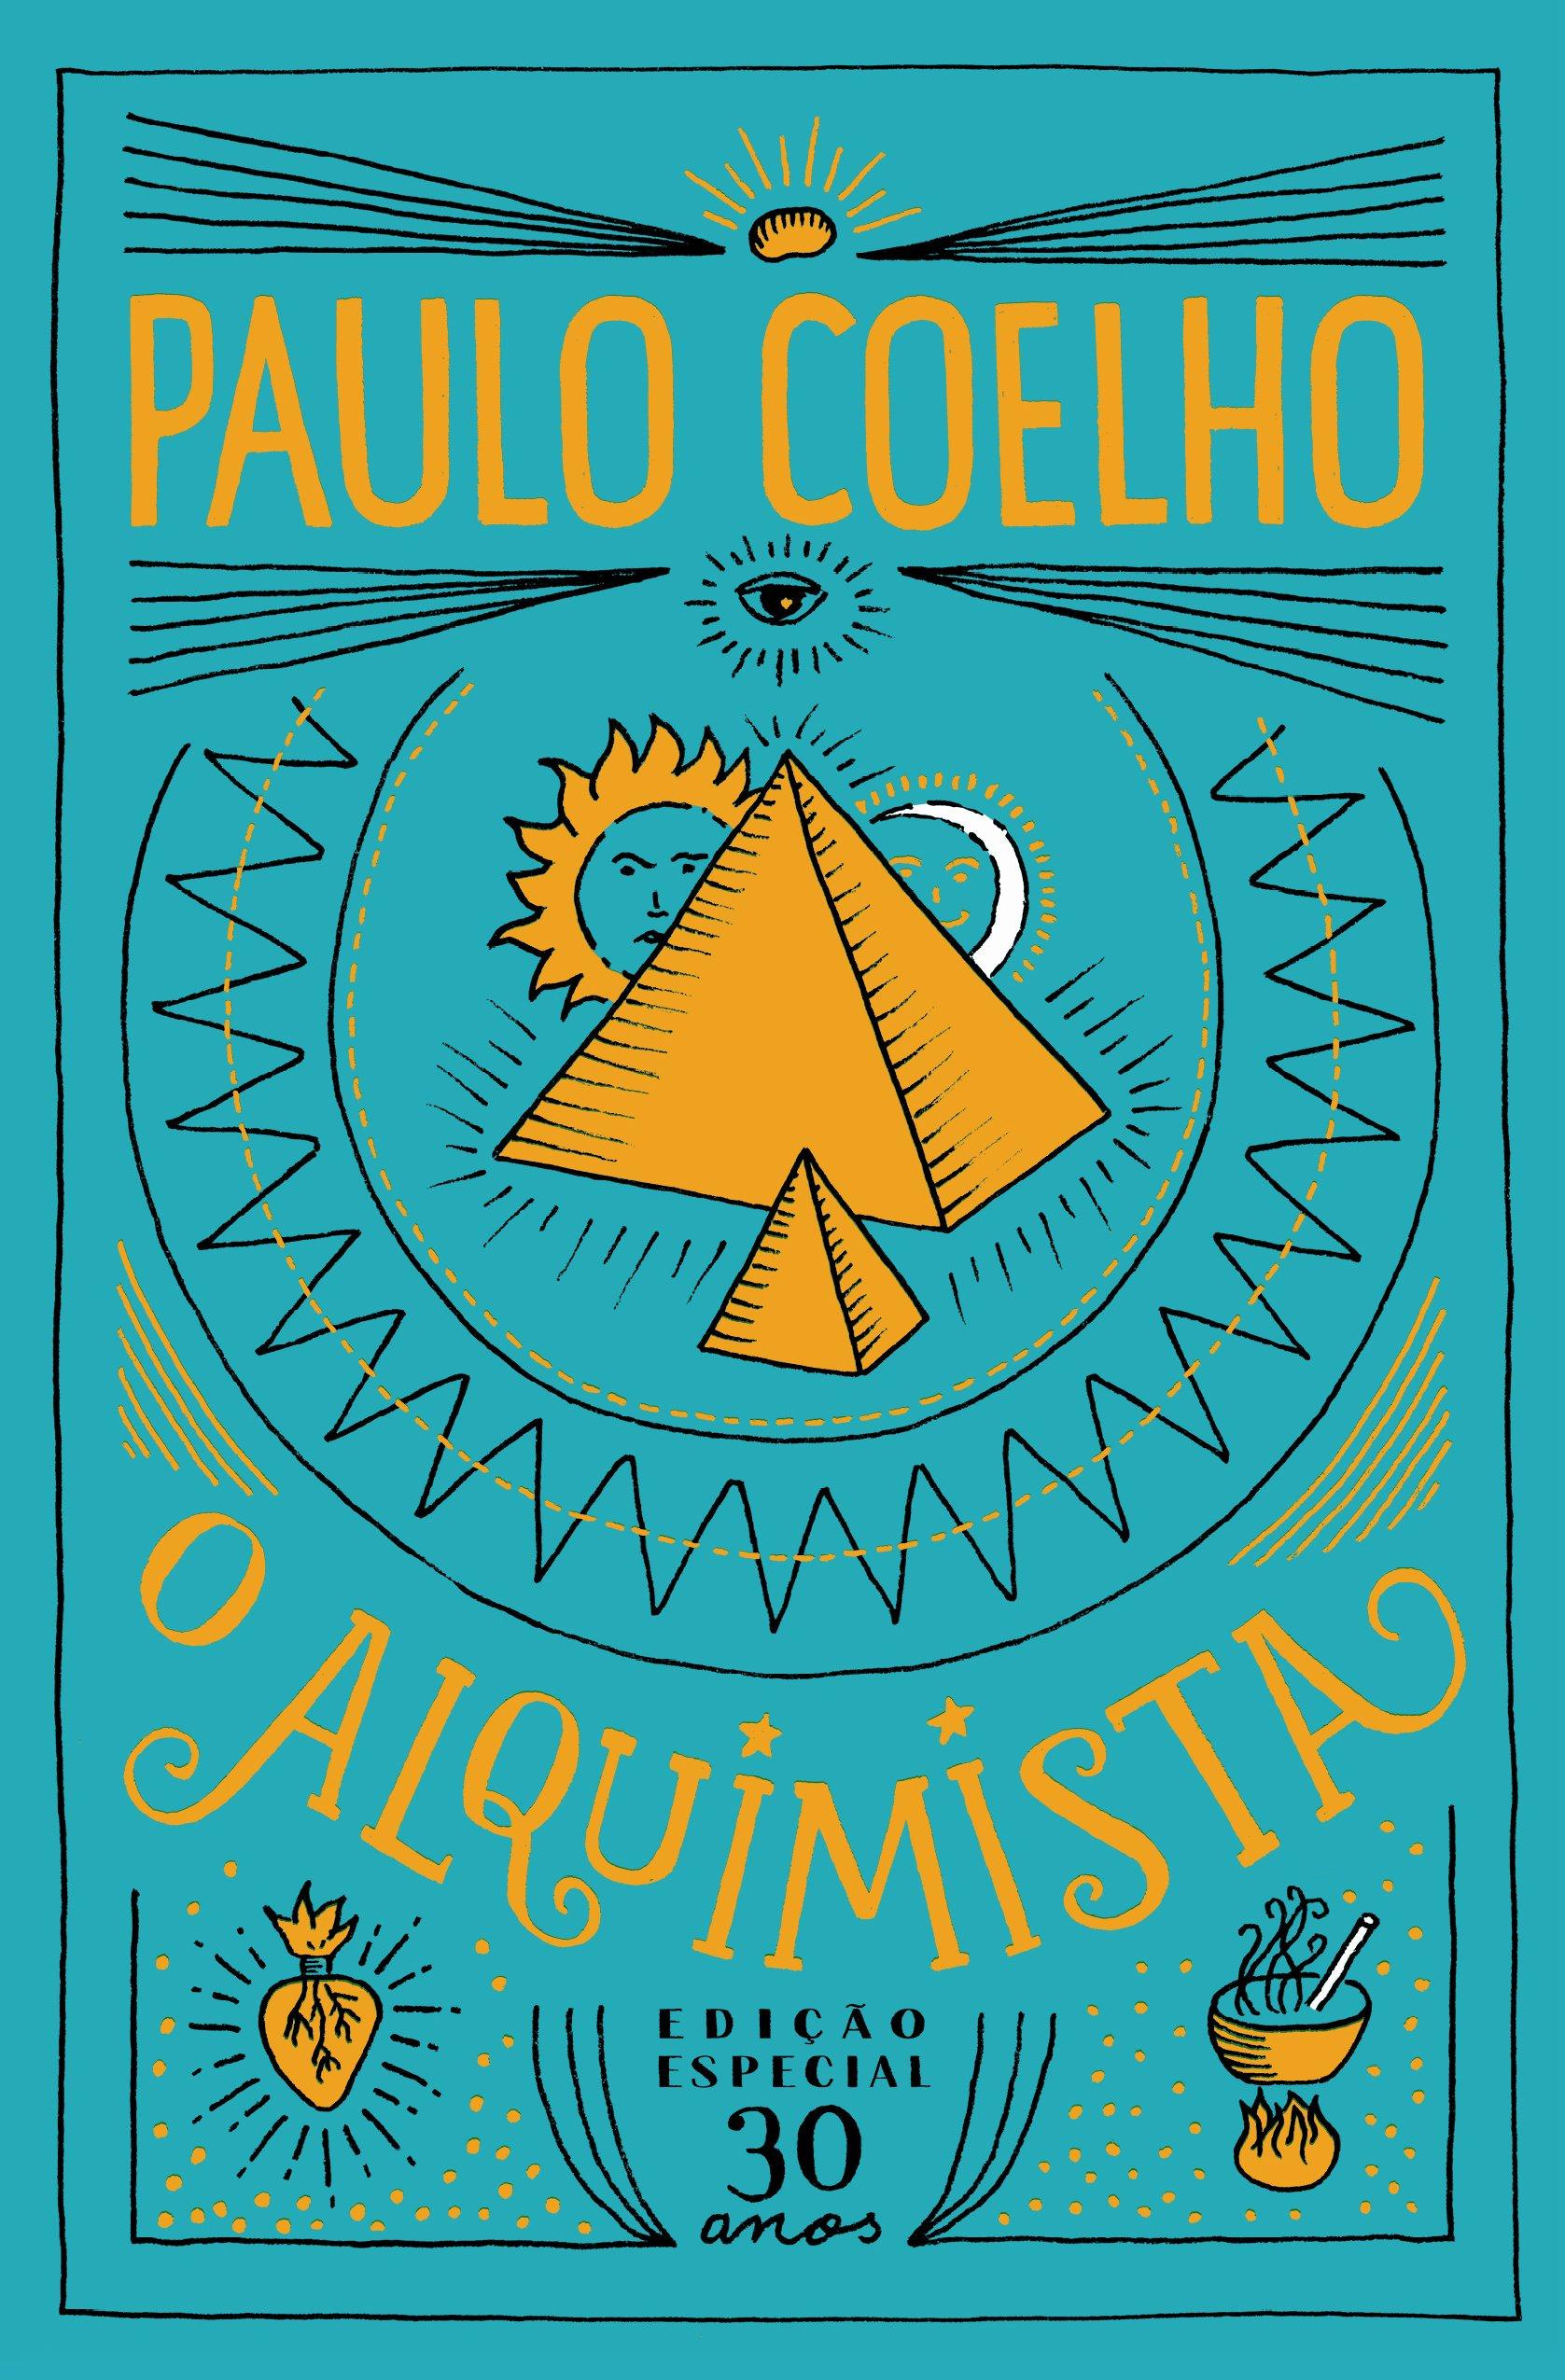 كتاب الخيميائي لـ باولو كويلو